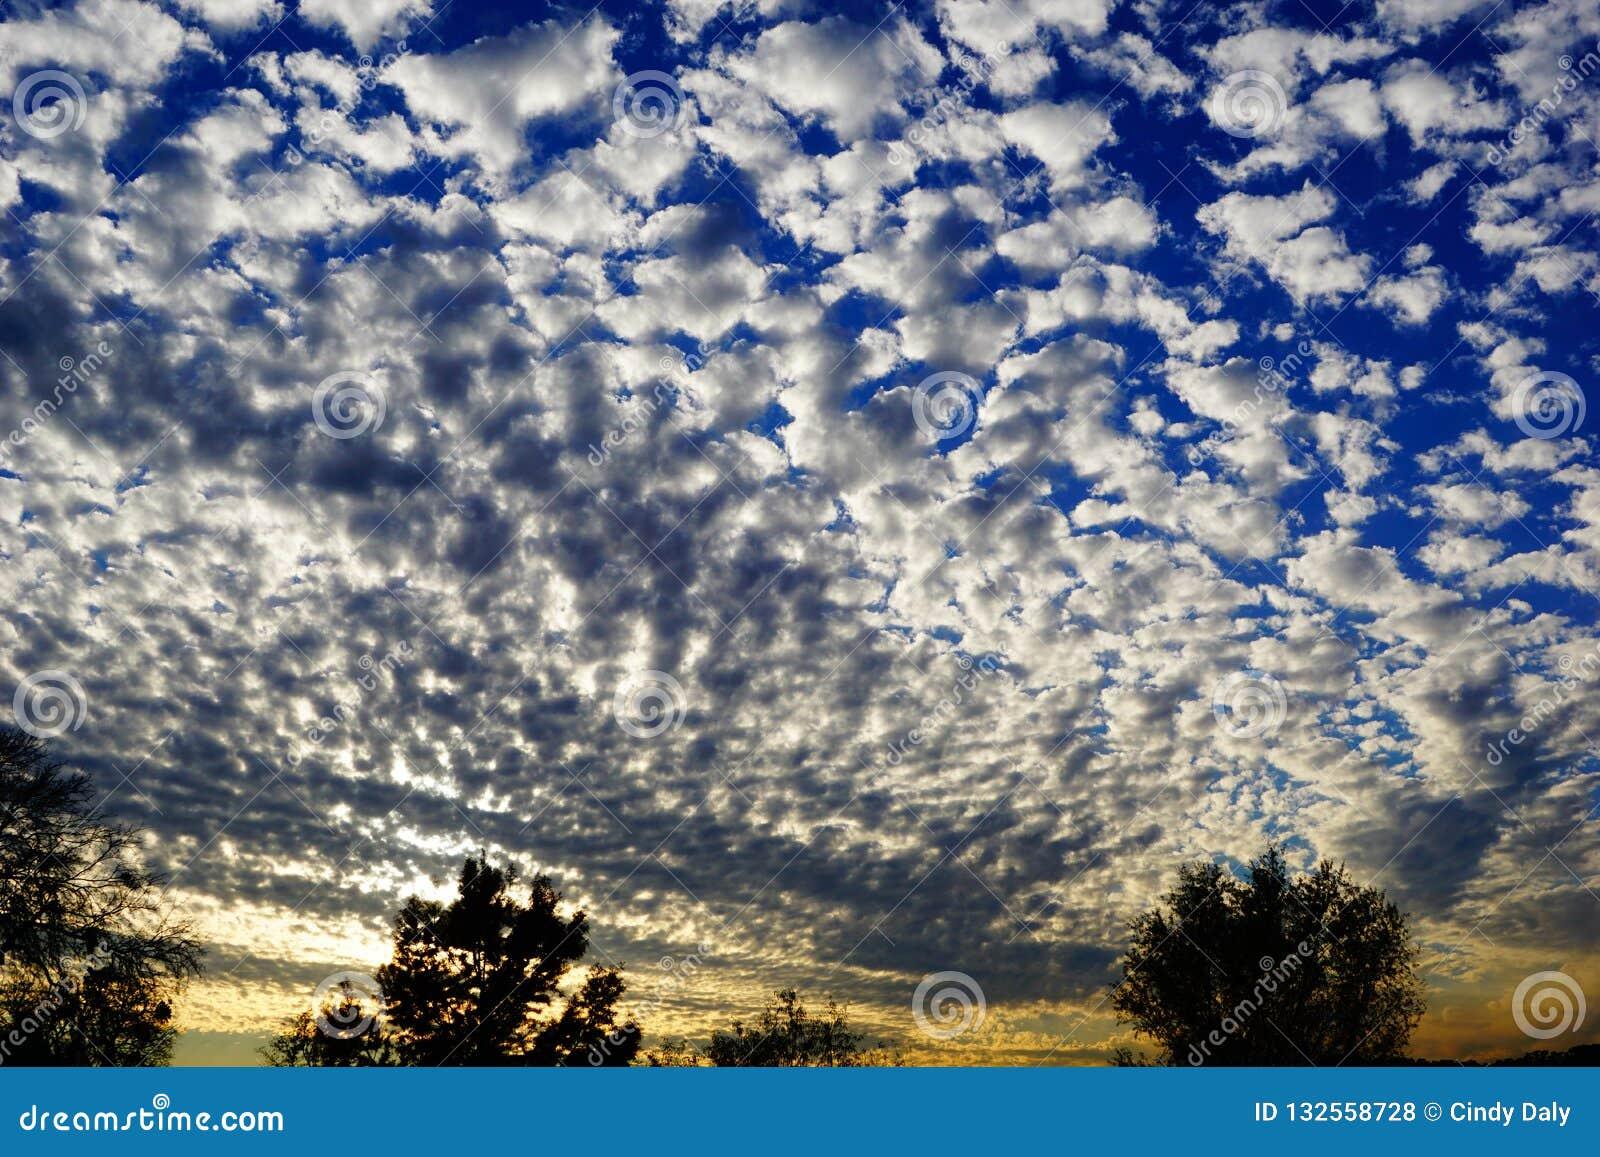 Μια φωτογραφία ενός ηλιοβασιλέματος με τα χνουδωτά σύννεφα